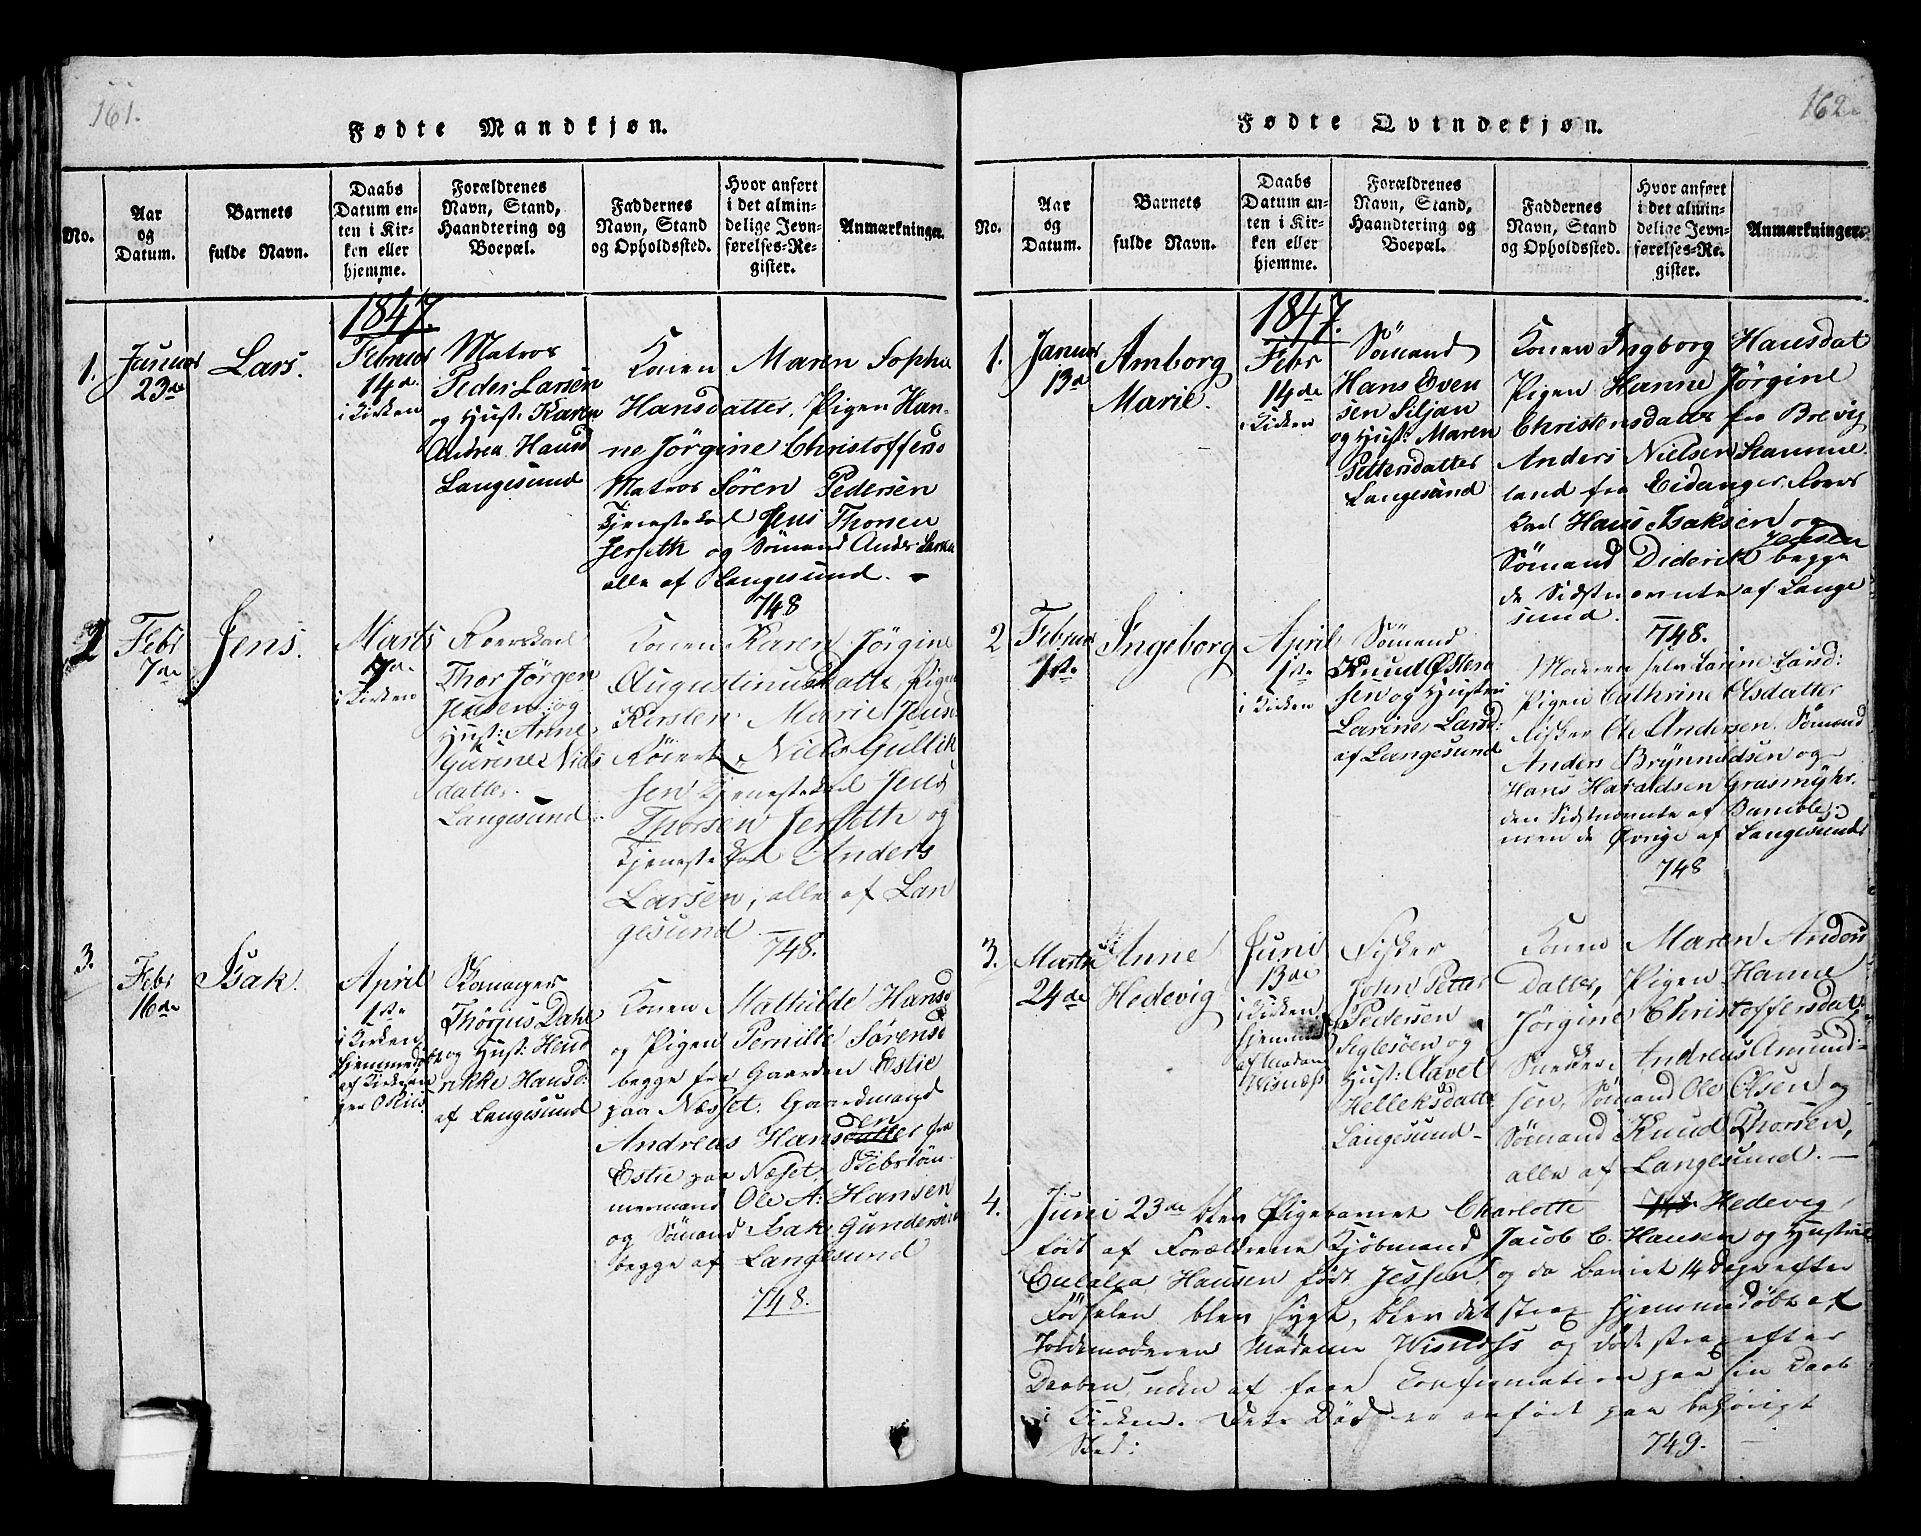 SAKO, Langesund kirkebøker, G/Ga/L0003: Klokkerbok nr. 3, 1815-1858, s. 161-162